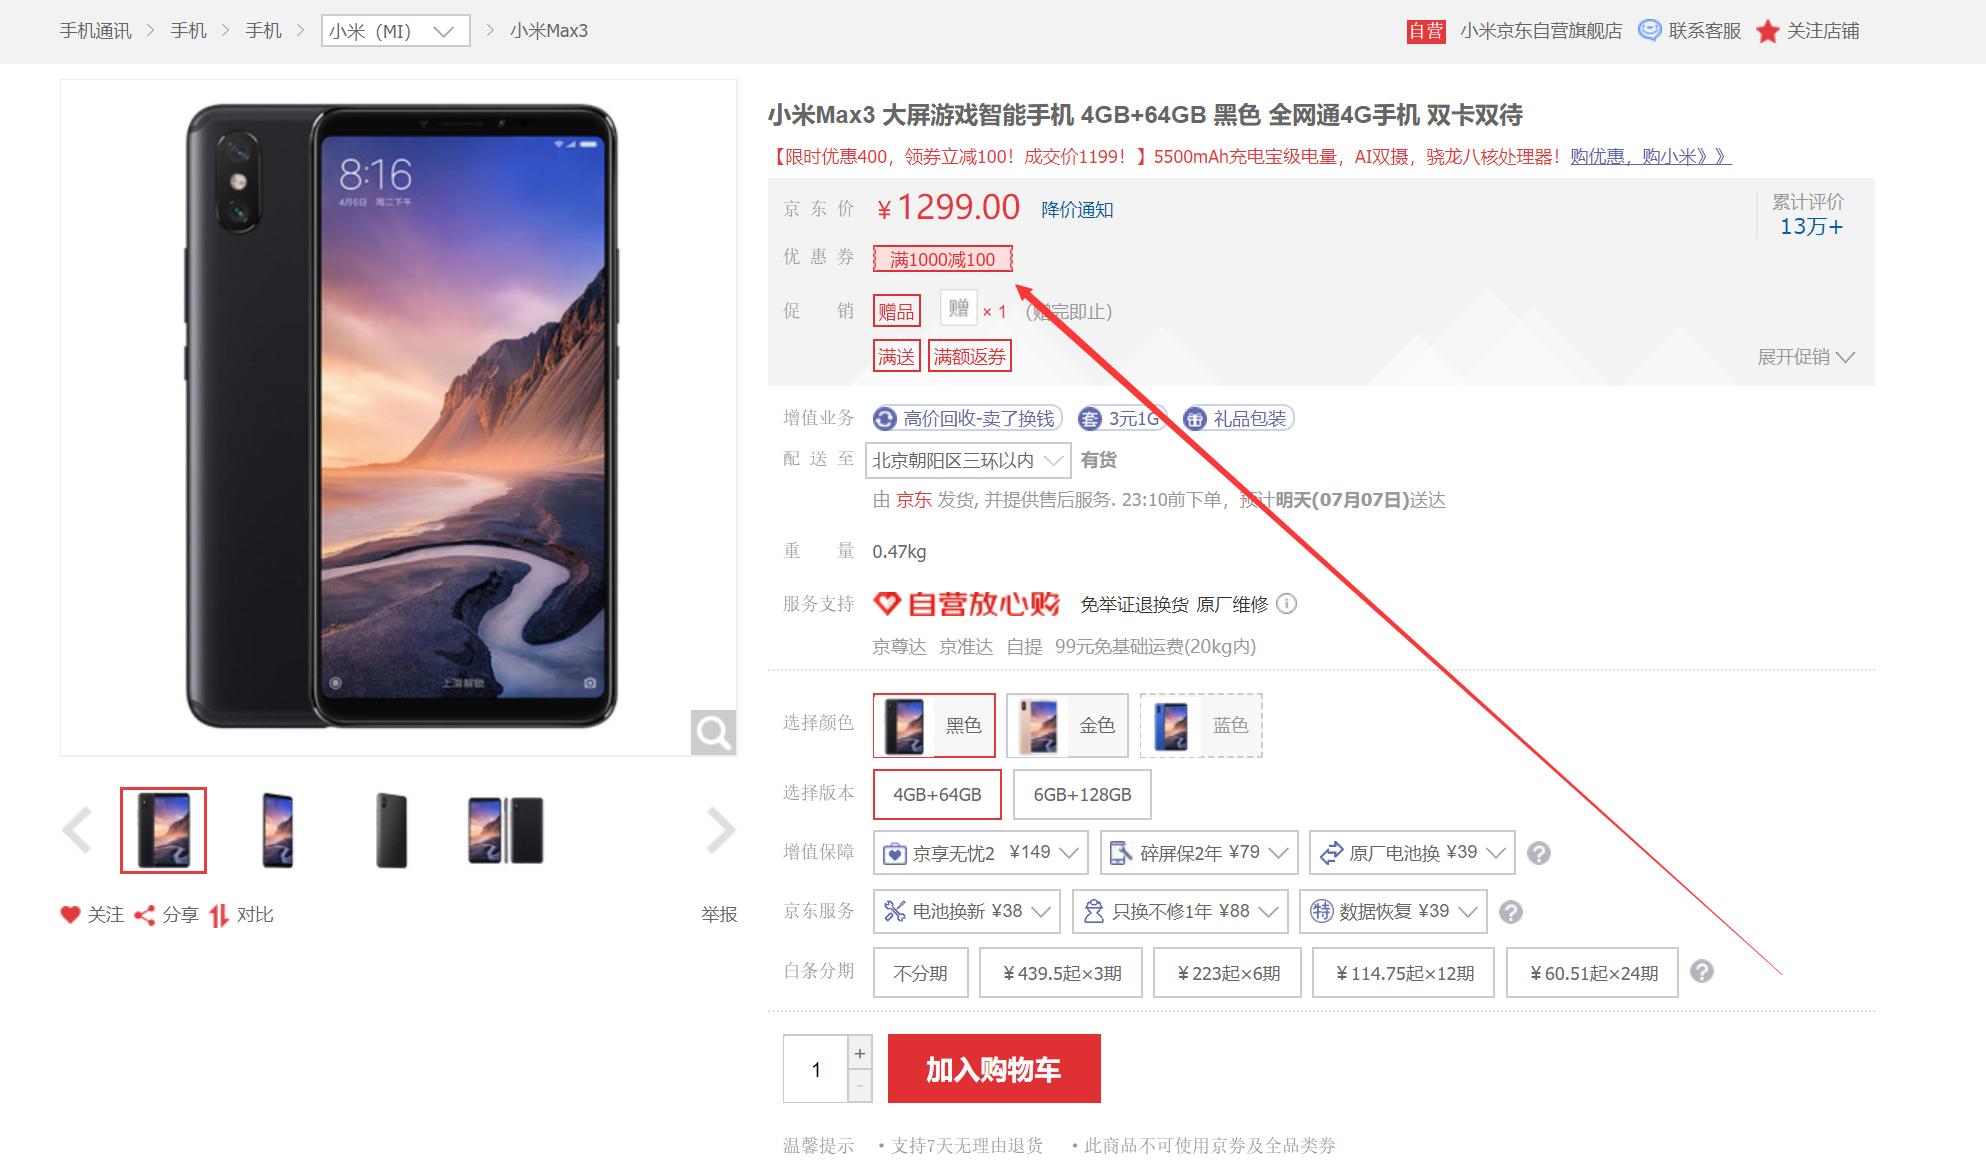 Смартфон Xiaomi Mi Max 3 подешевел до рекордной отметки